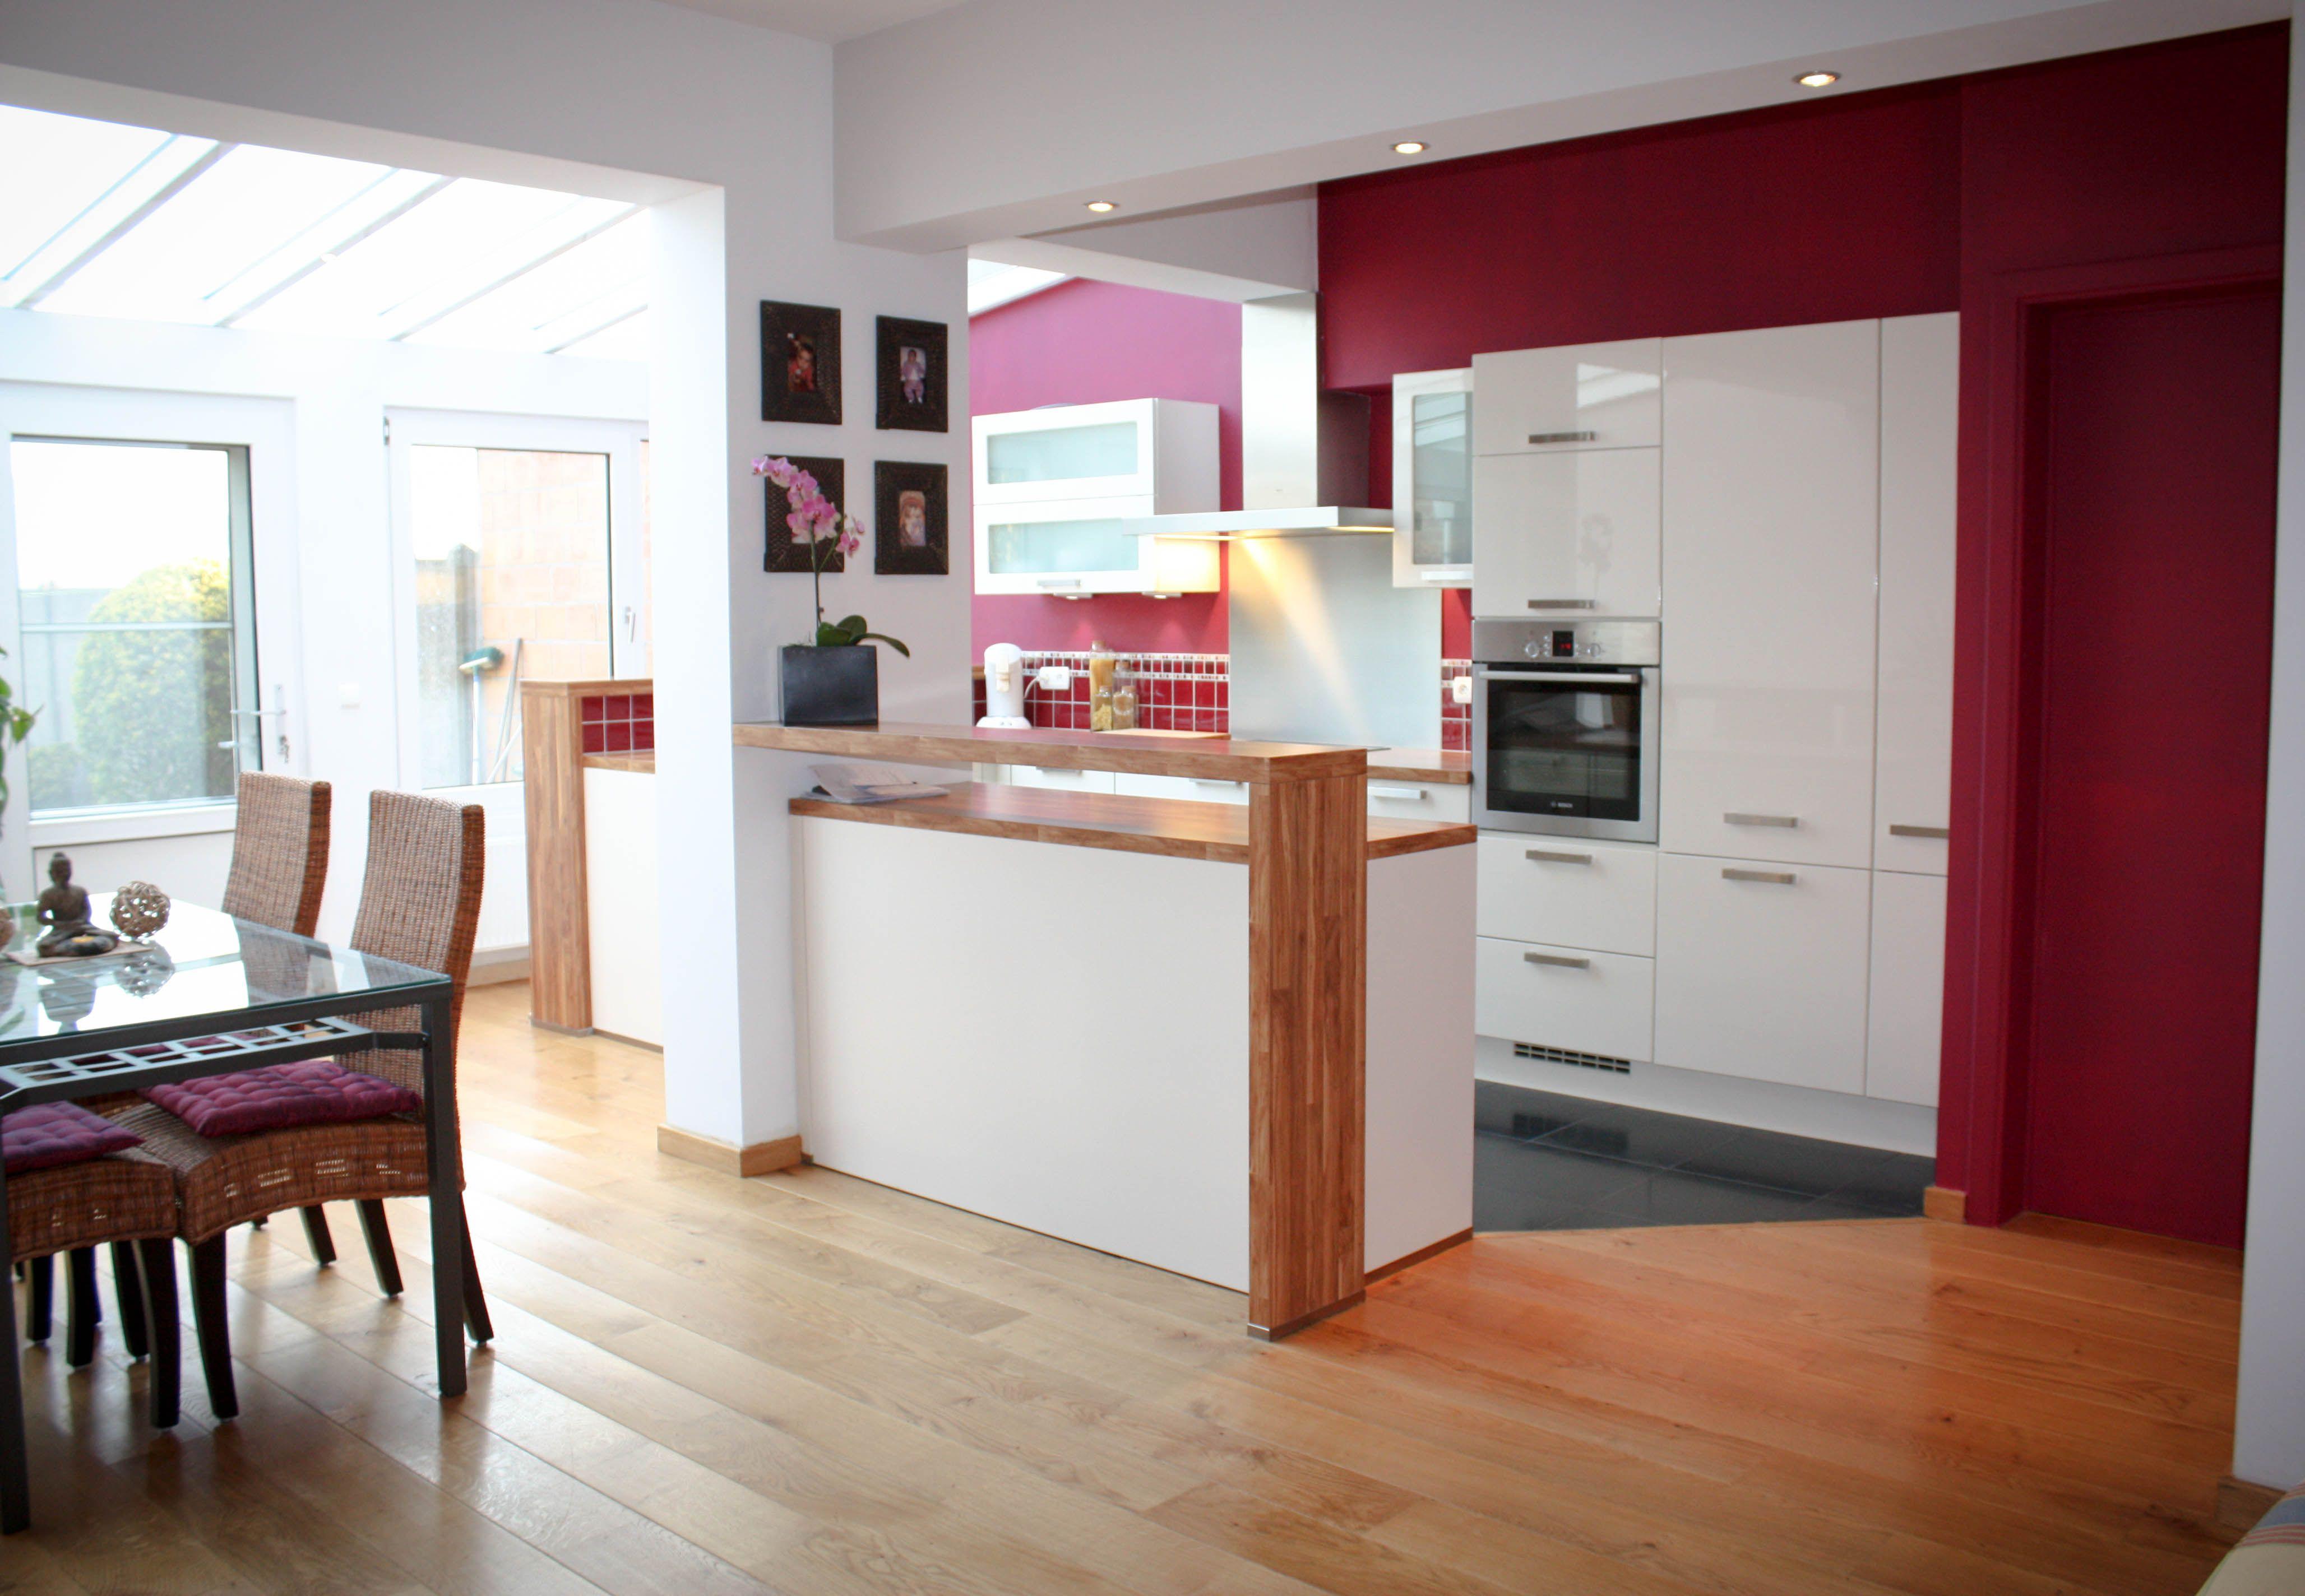 Cuisine Rouge Mur Couleur Des Cuisines Aux Couleurs Vitaminees - Meuble cuisine laque rouge pour idees de deco de cuisine